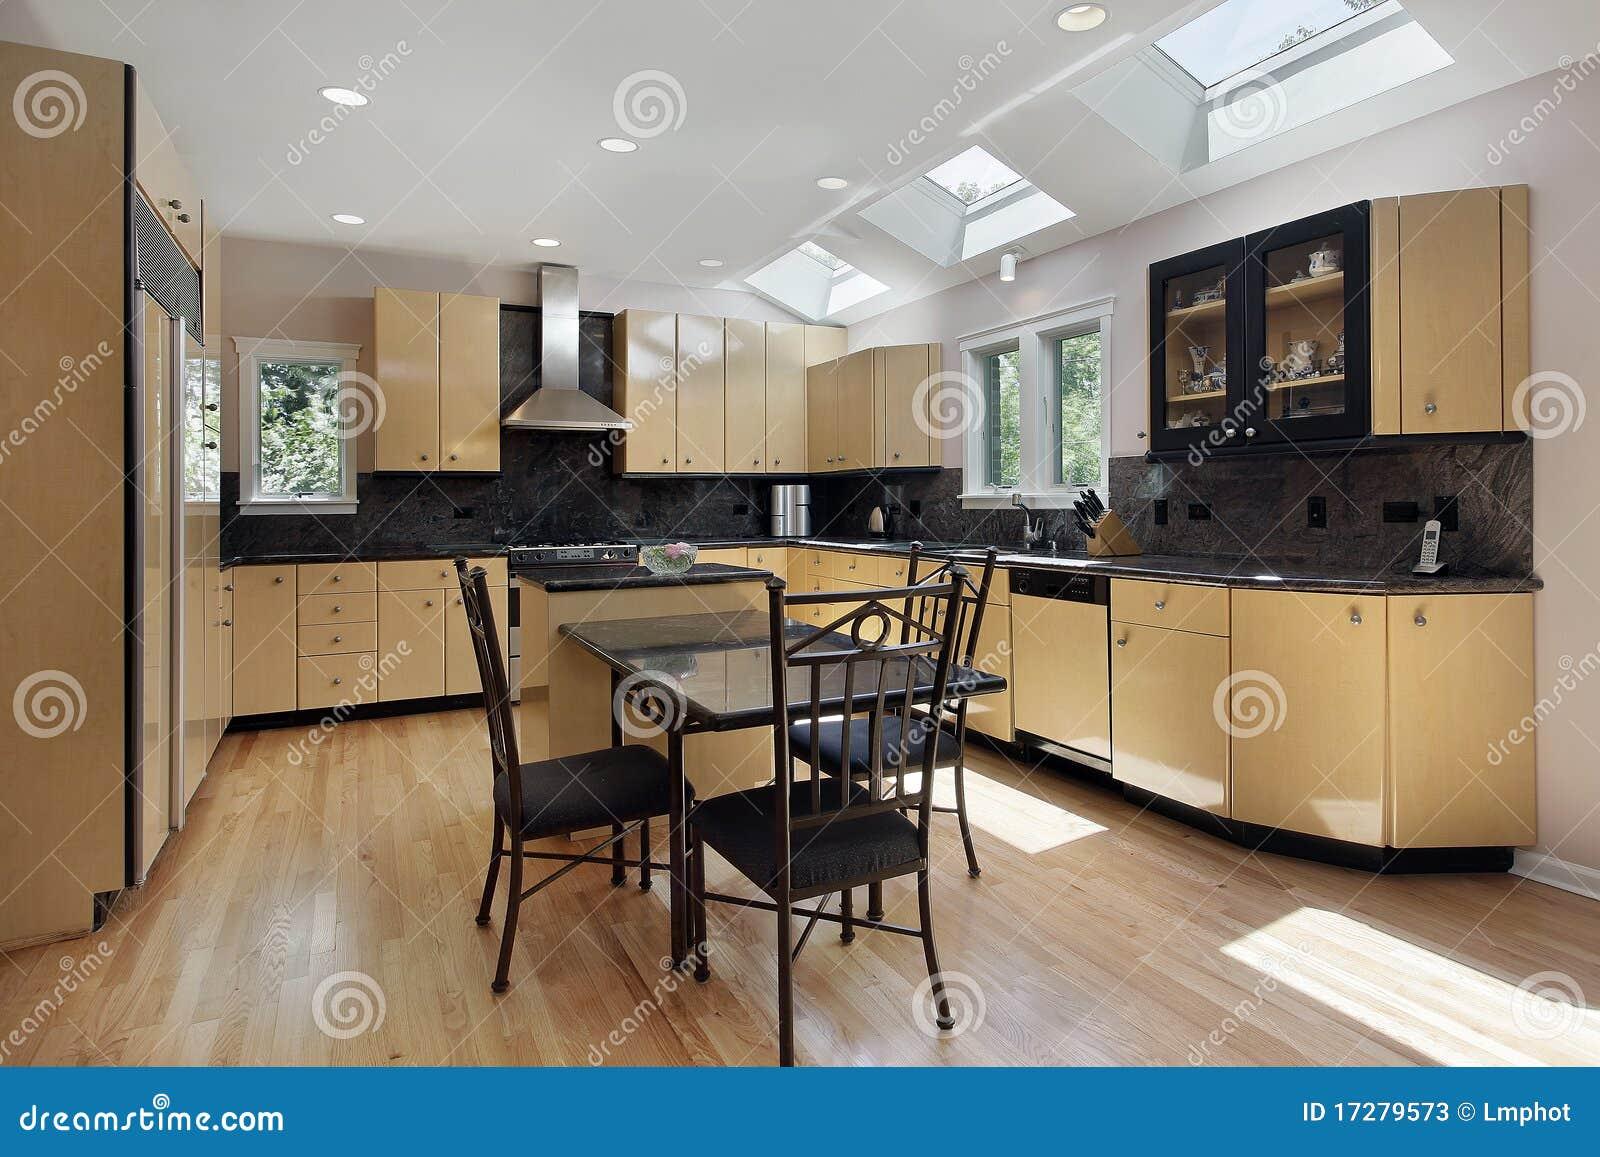 Cozinha Com Clarabóias Fotos de Stock Imagem: 17279573 #82A328 1300 957